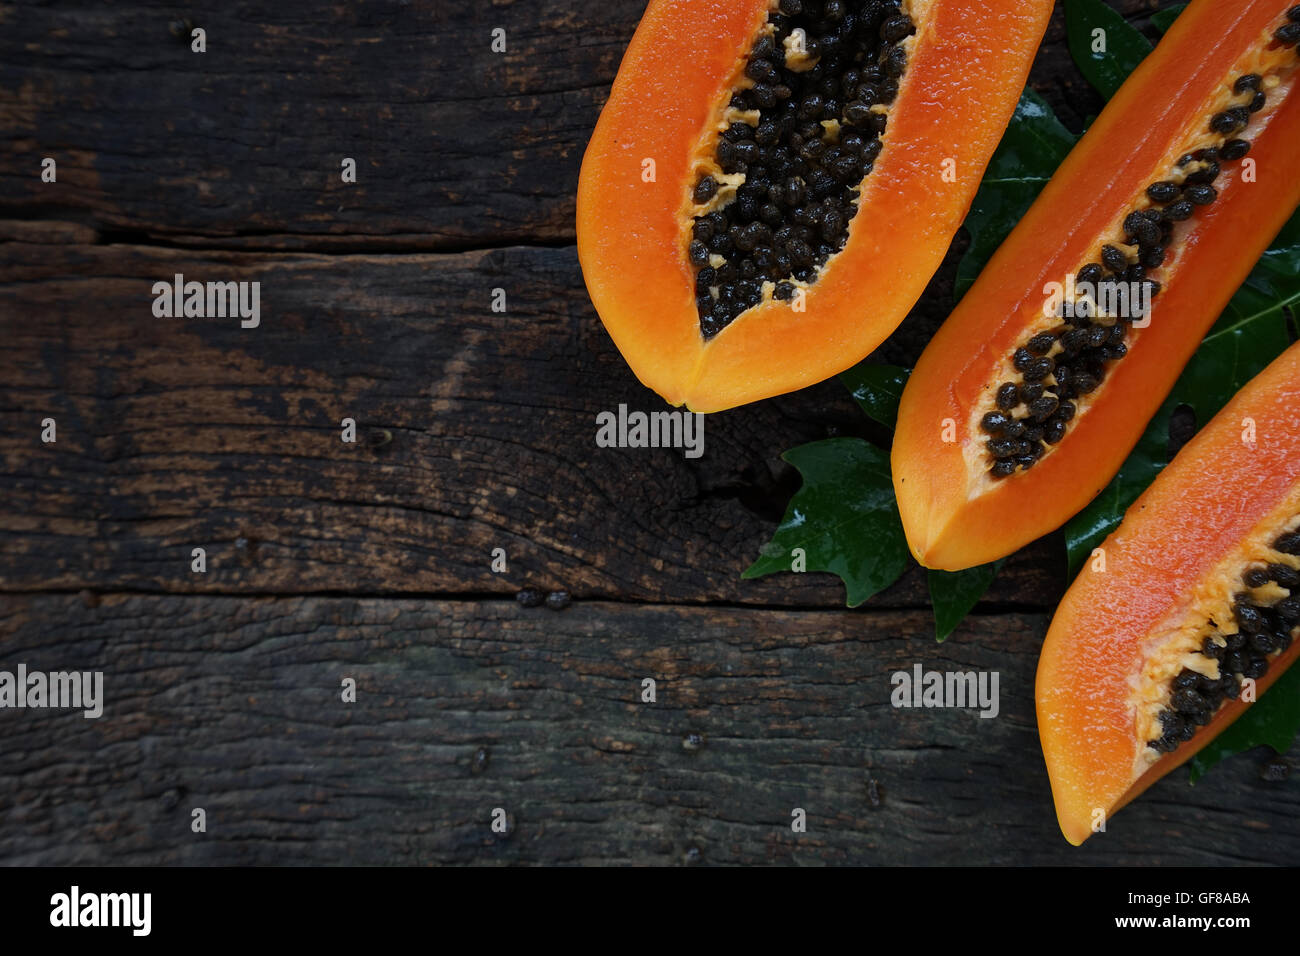 Vista superiore mature papaia con foglia verde sul vecchio sfondo di legno. Immagini Stock